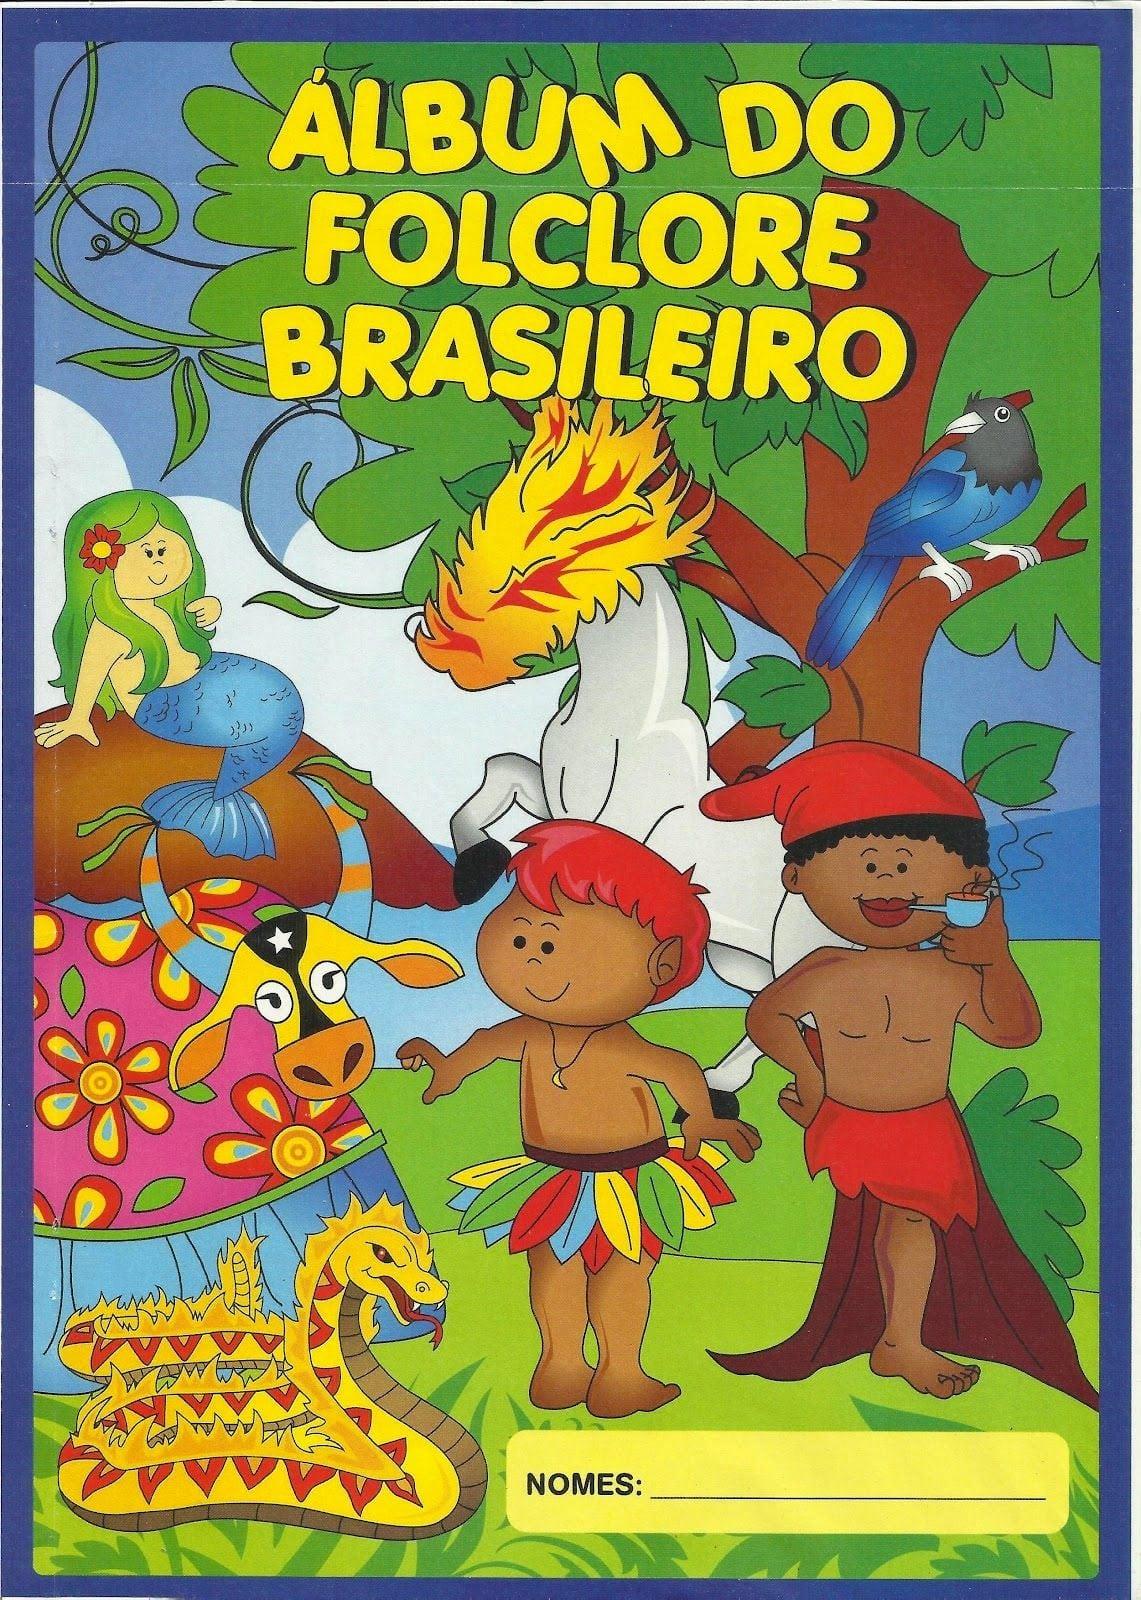 Atividade  Álbum Do Folclore Colorido Com Personagens Folclóricos